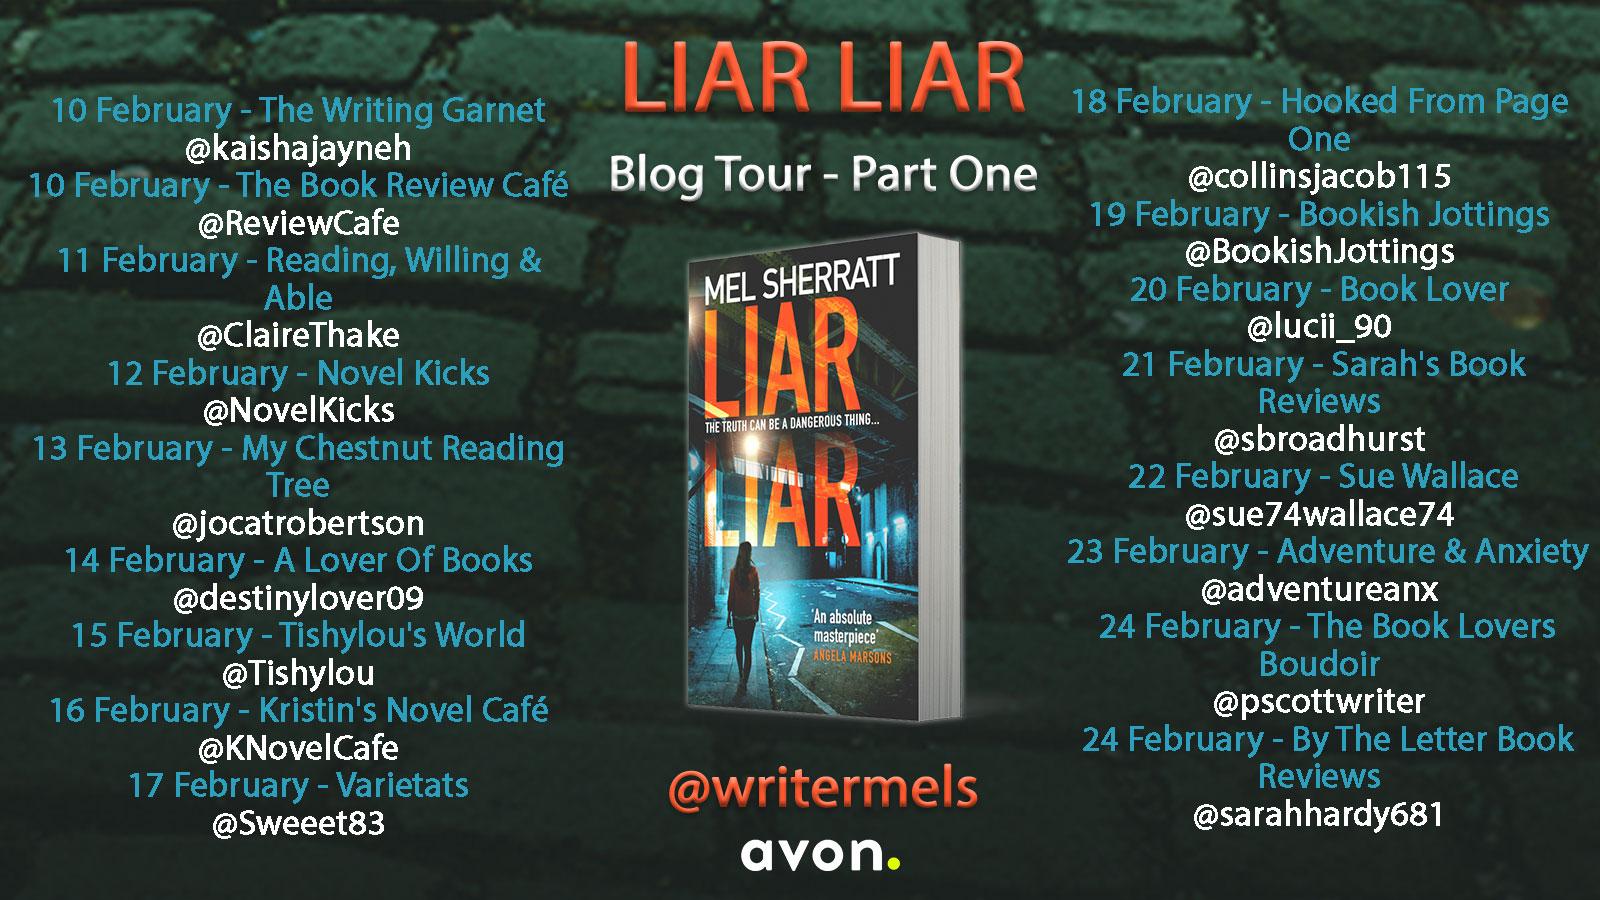 Liar-Liar-blog-tour-banner---part-one